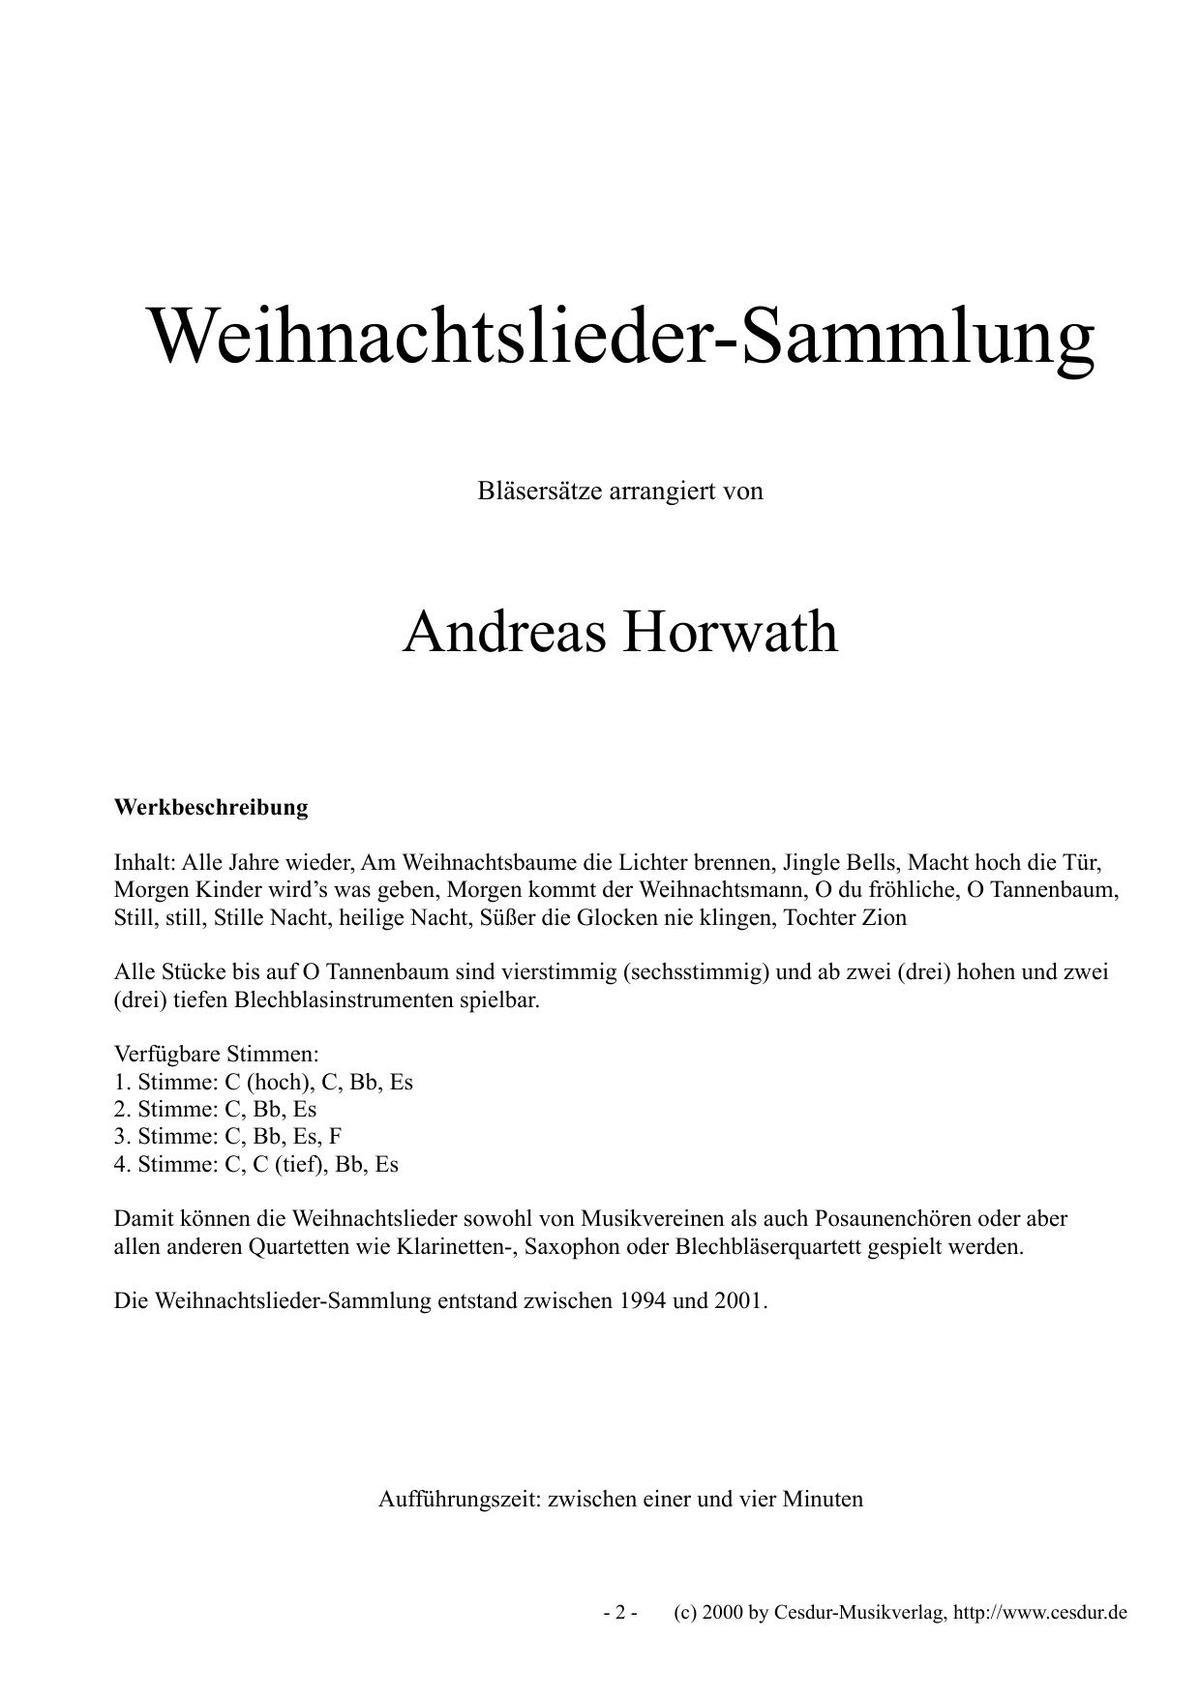 Weihnachtslieder Partitur.Dvo Druck Und Verlag Obermayer Gmbh